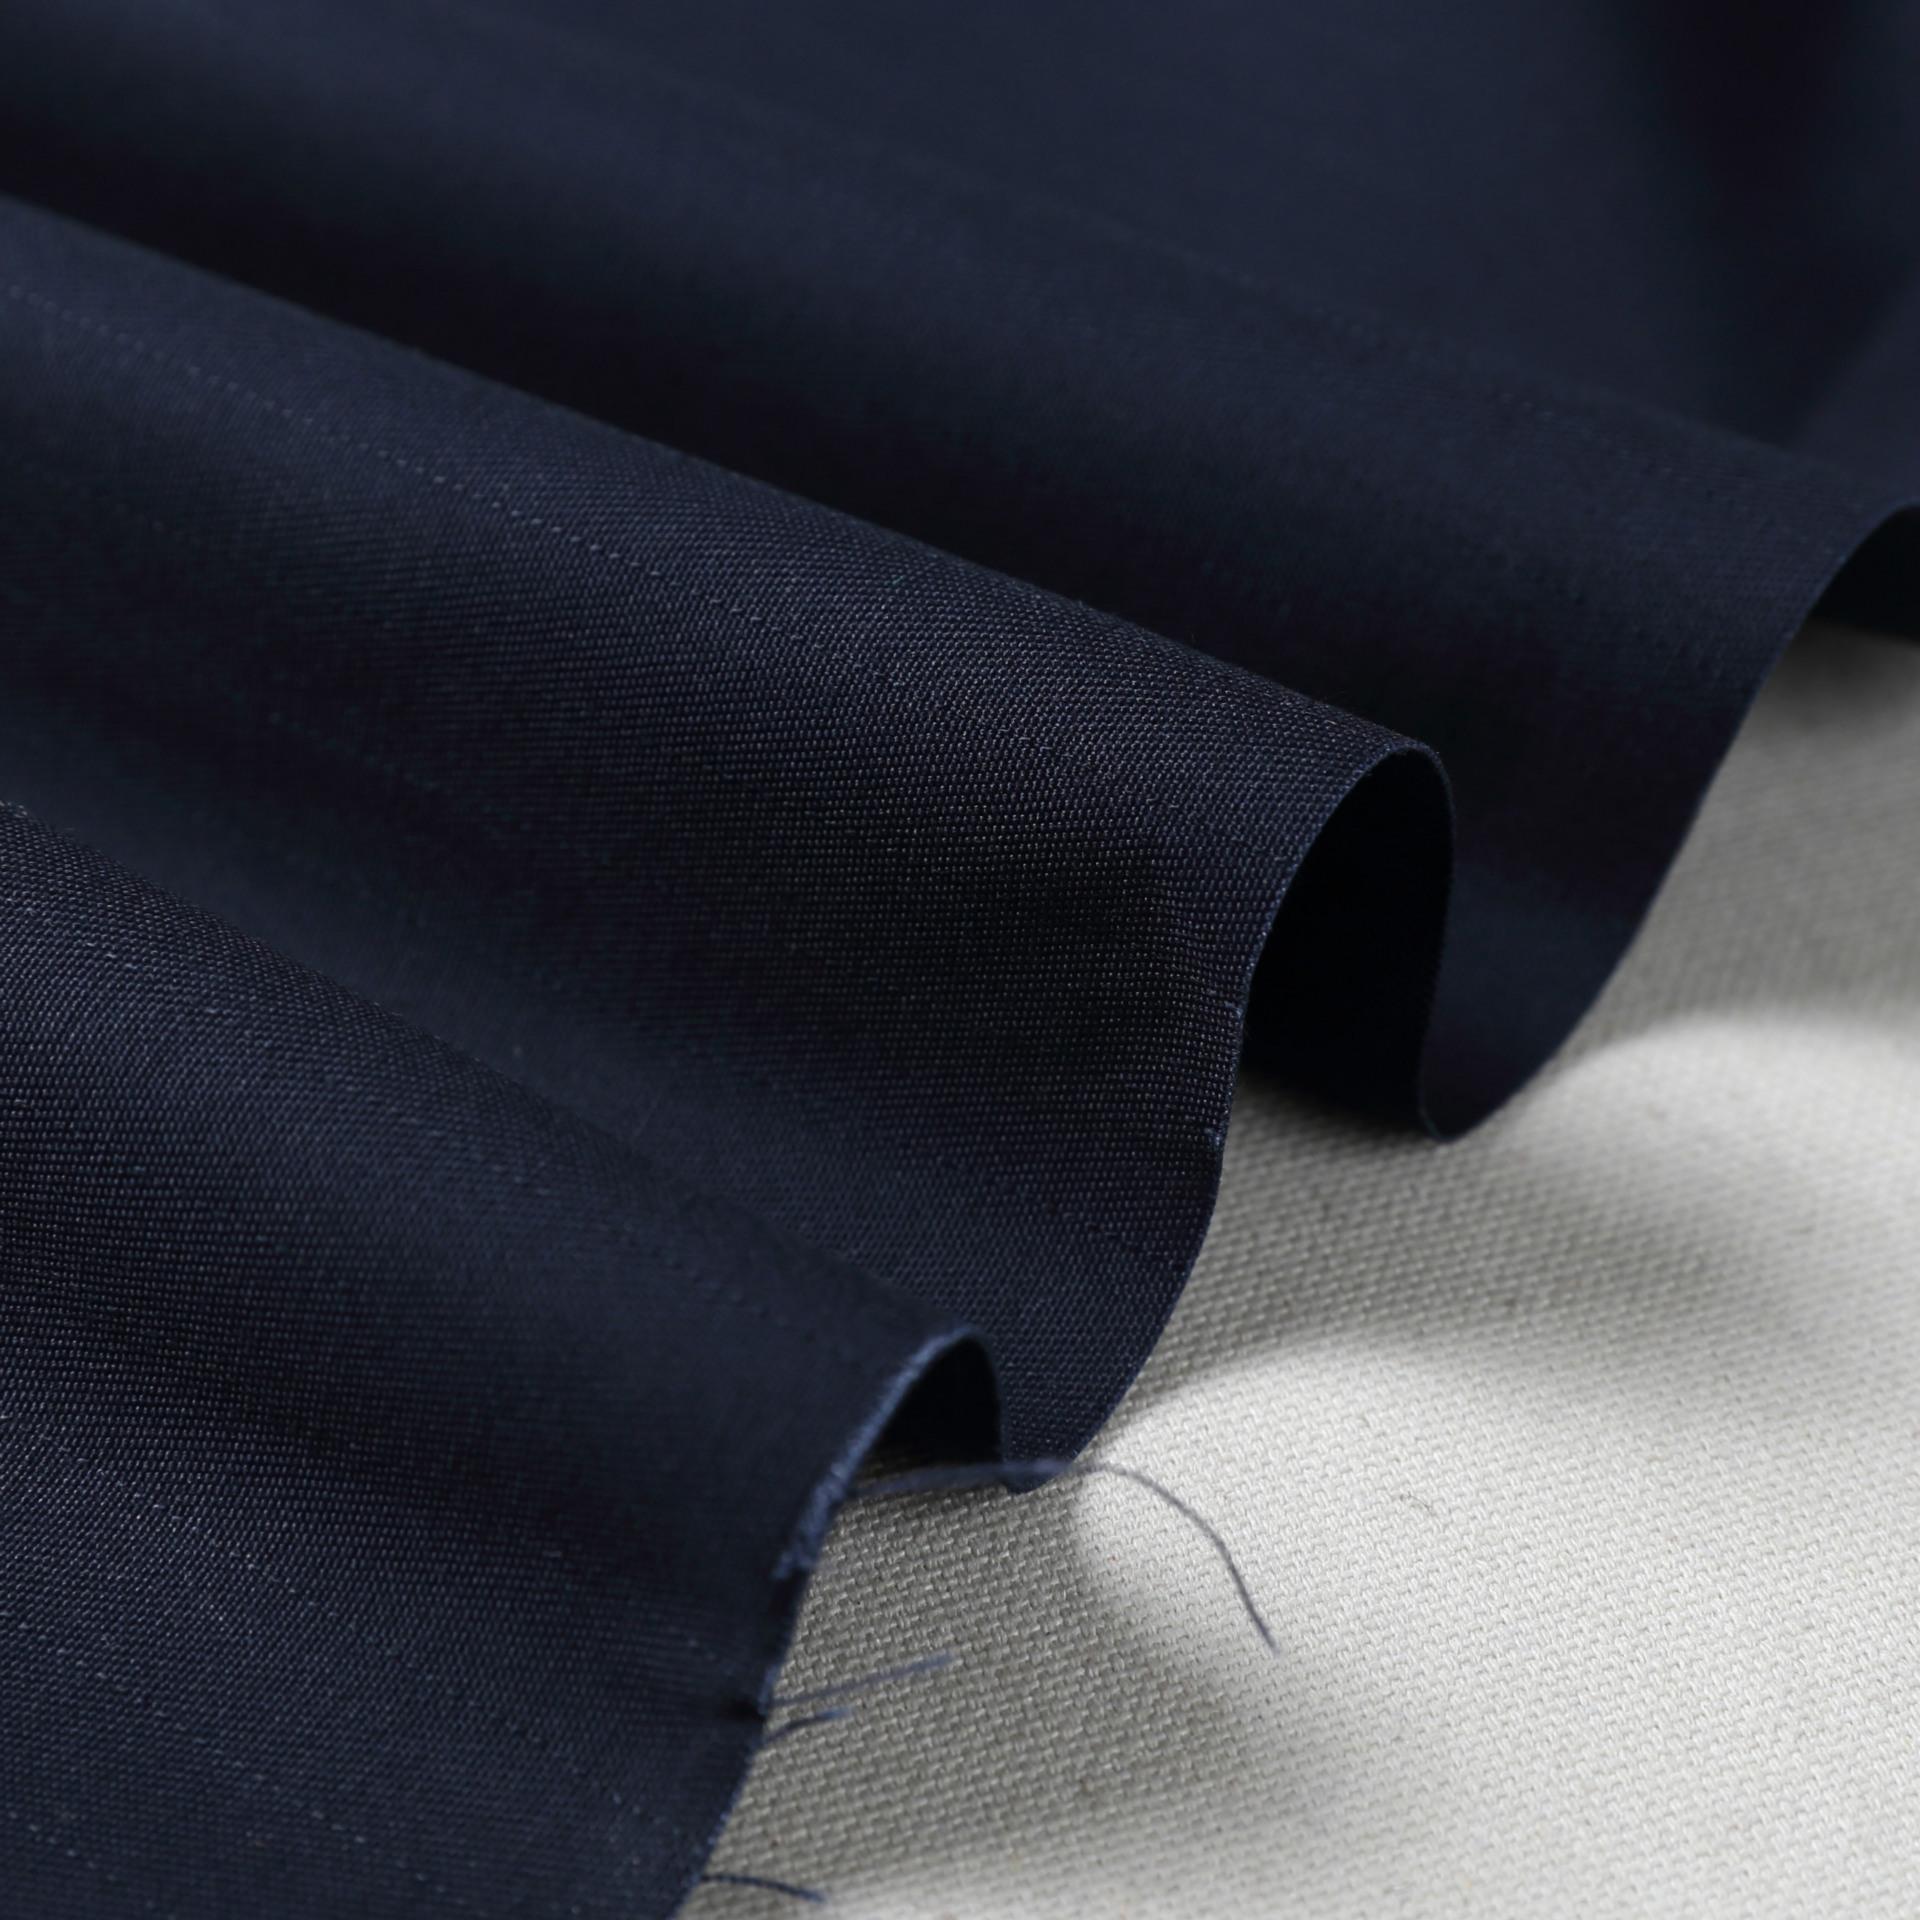 YANRU Vải pha sợi Mùa thu và mùa đông màu rắn phù hợp với vải Twill pha trộn sợi hóa học vải Thời tr